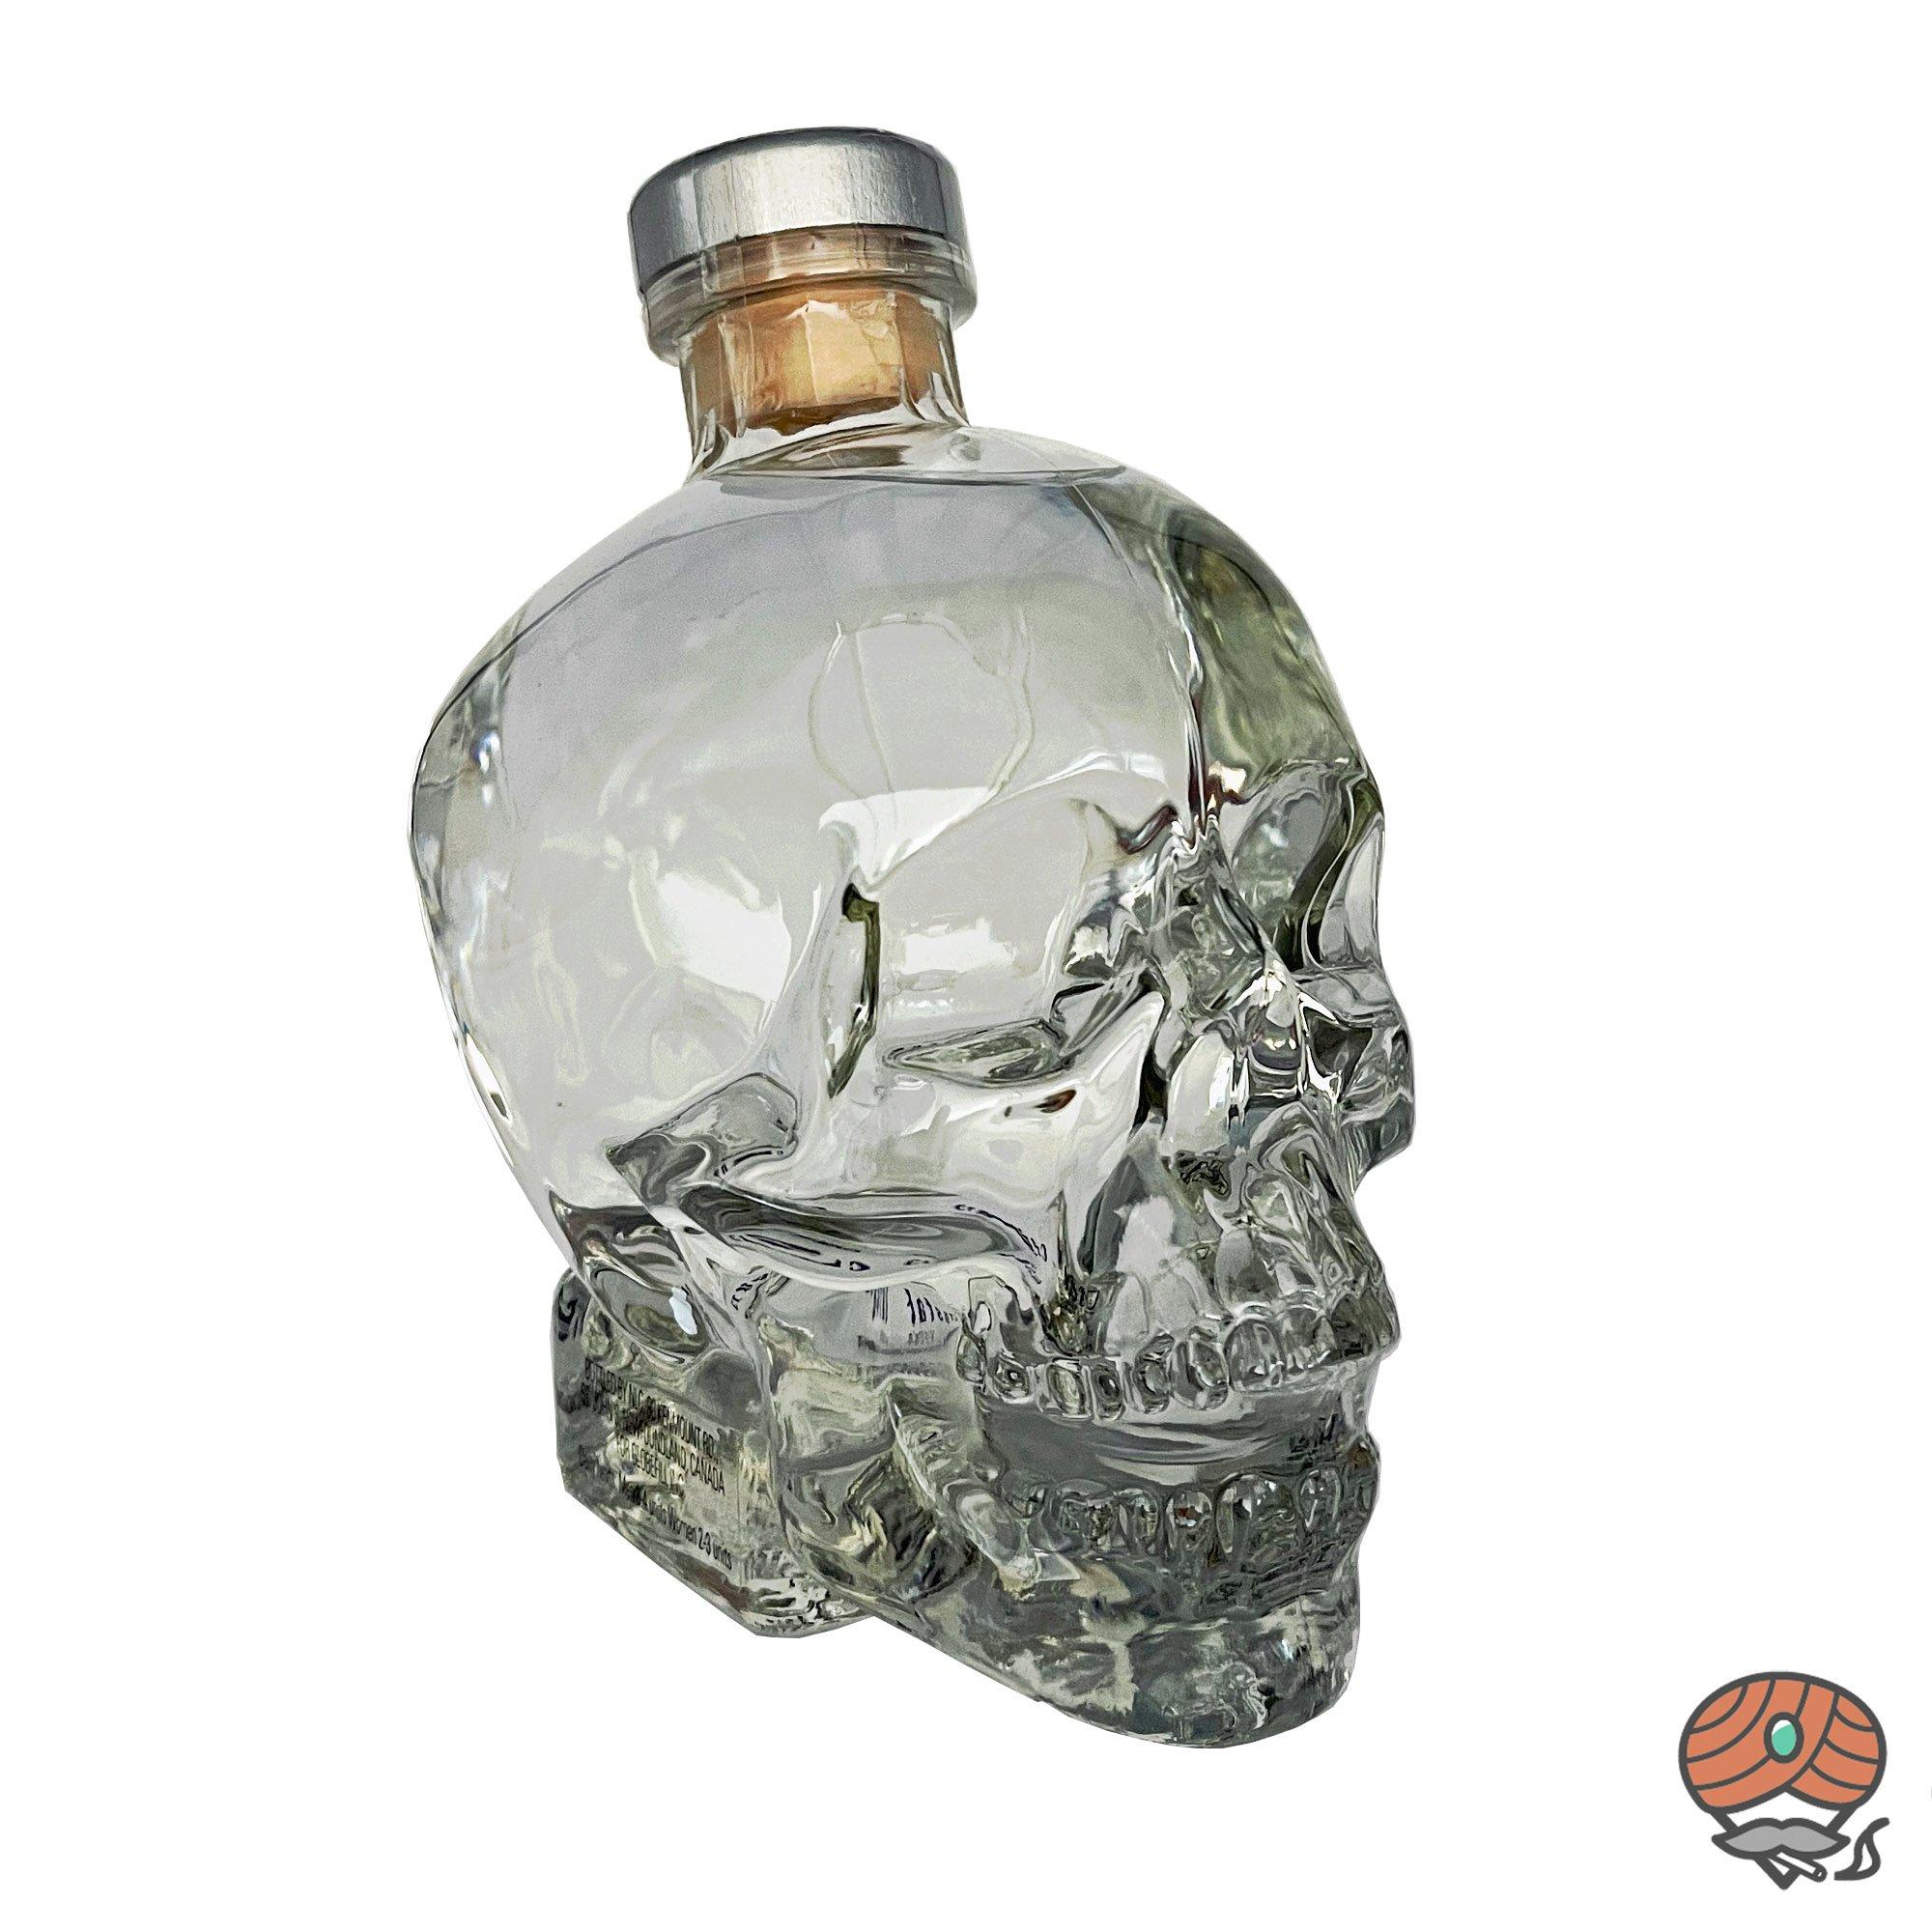 Crystal Head Vodka - Wodka 0,7 l, alc. 40 Vol.-%